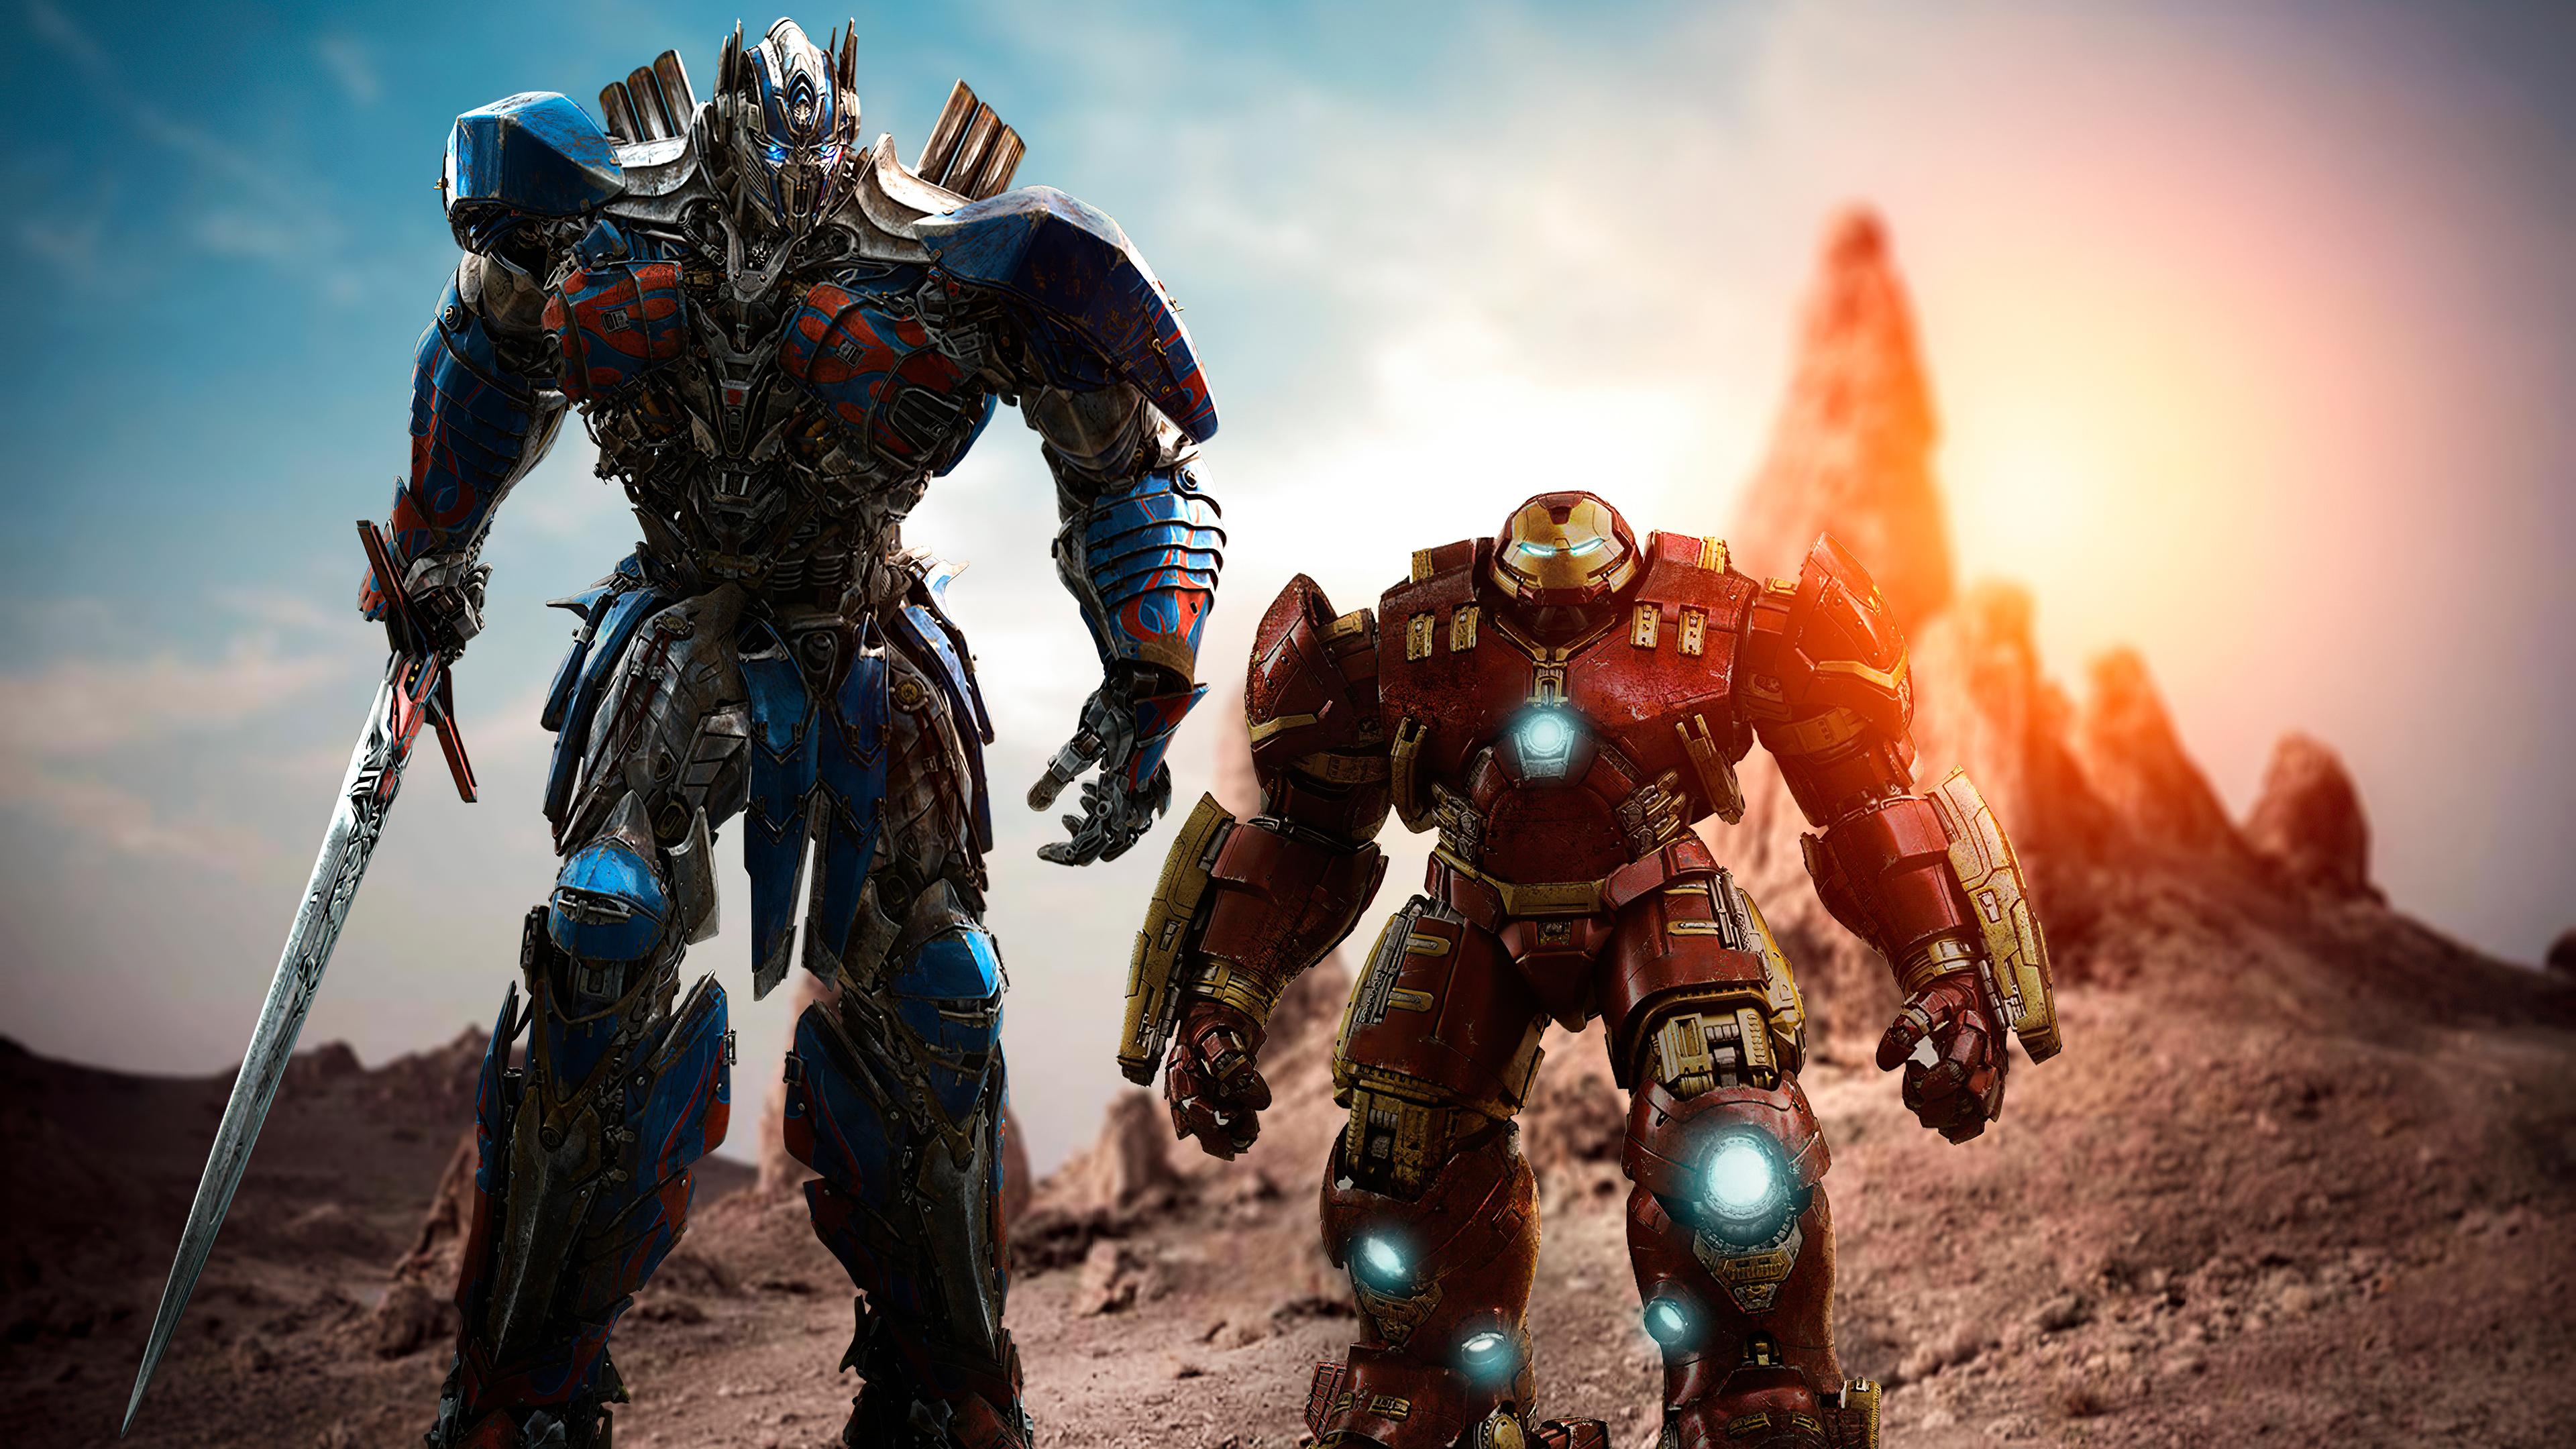 optimus prime and hulk buster 1572368336 - Optimus Prime And Hulk Buster - superheroes wallpapers, optimus prime wallpapers, hulkbuster wallpapers, hd-wallpapers, deviantart wallpapers, 4k-wallpapers